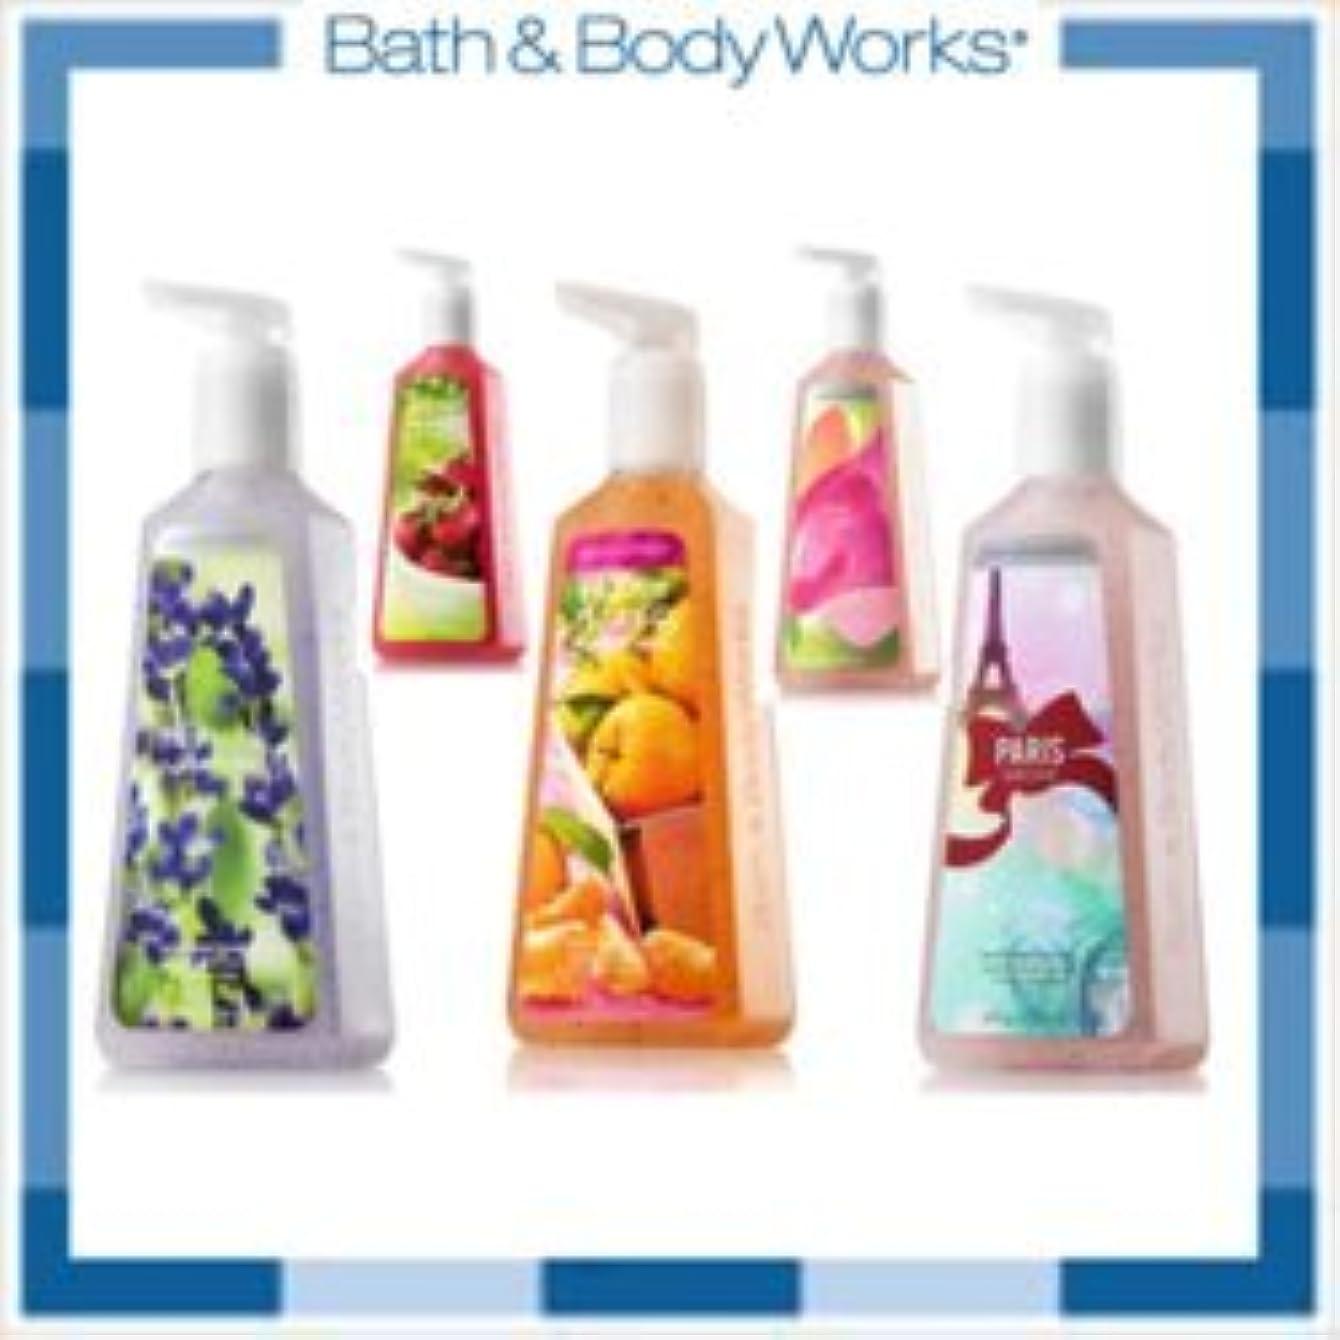 昇進清める天気Bath & Body Works ハンドソープ 8本詰め合わせセット (???????、??????????????or MIX) 【平行輸入品】 (ディープクレンジング  (8本))